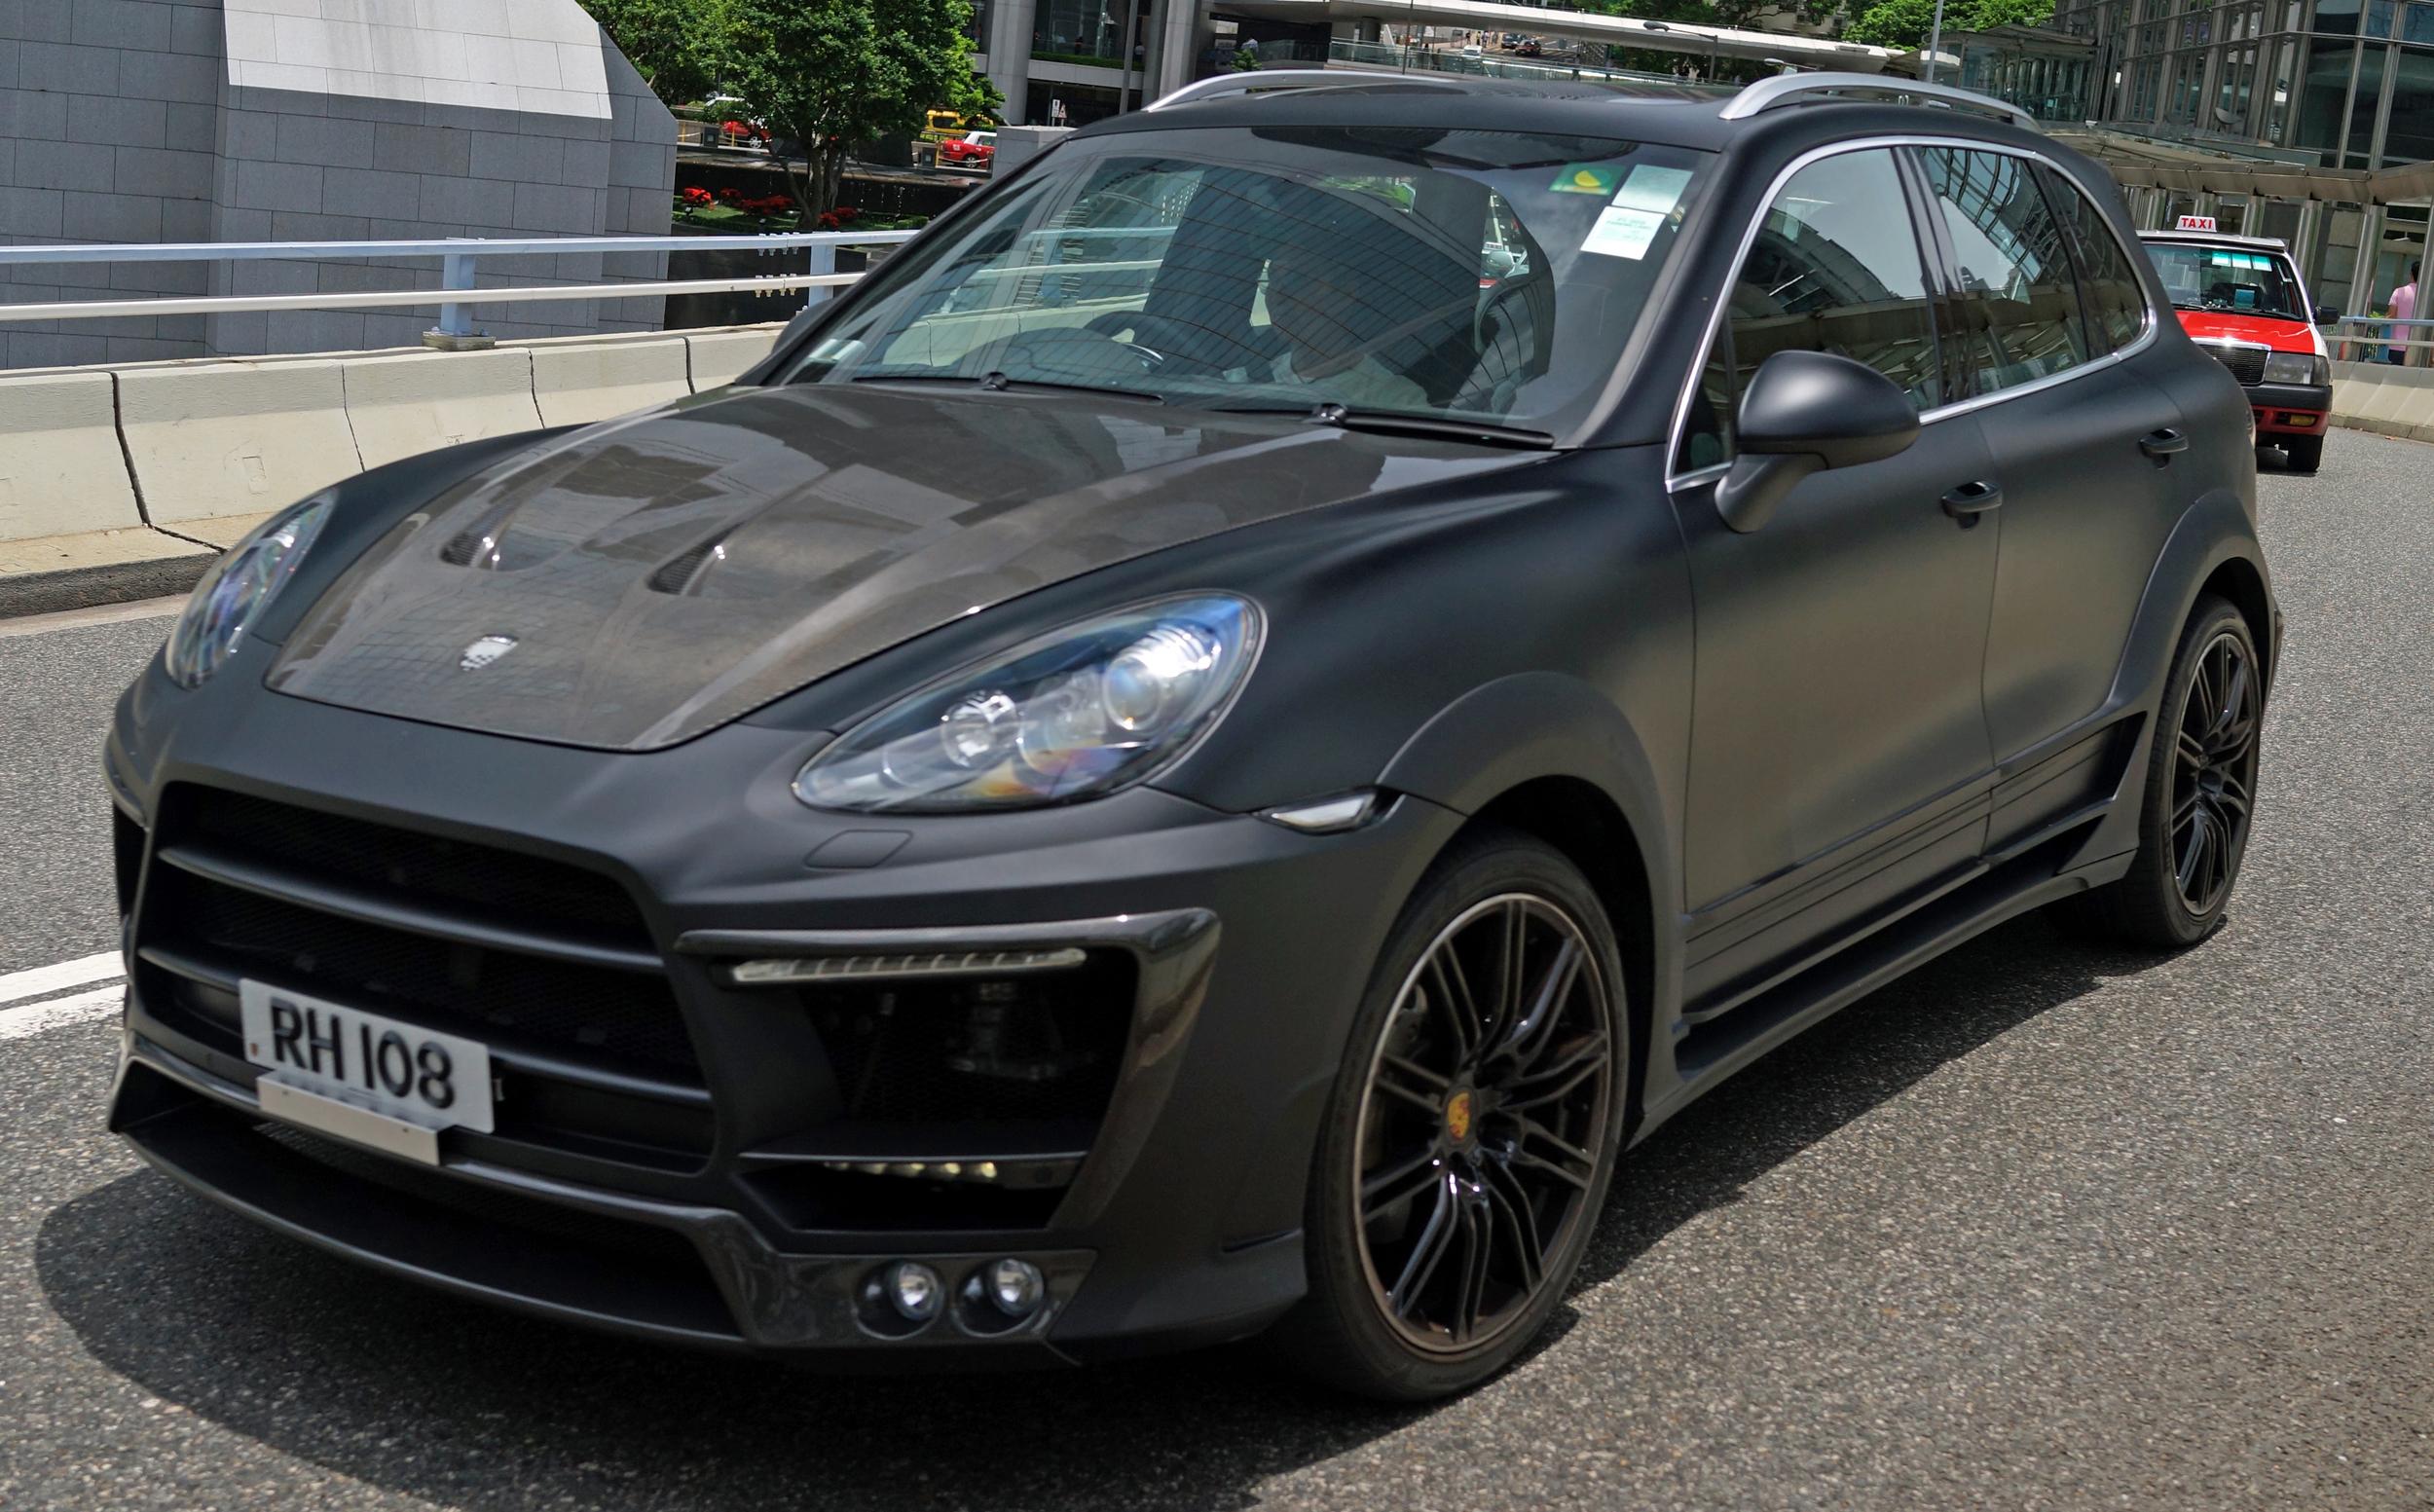 This time a rather unique matte Porsche